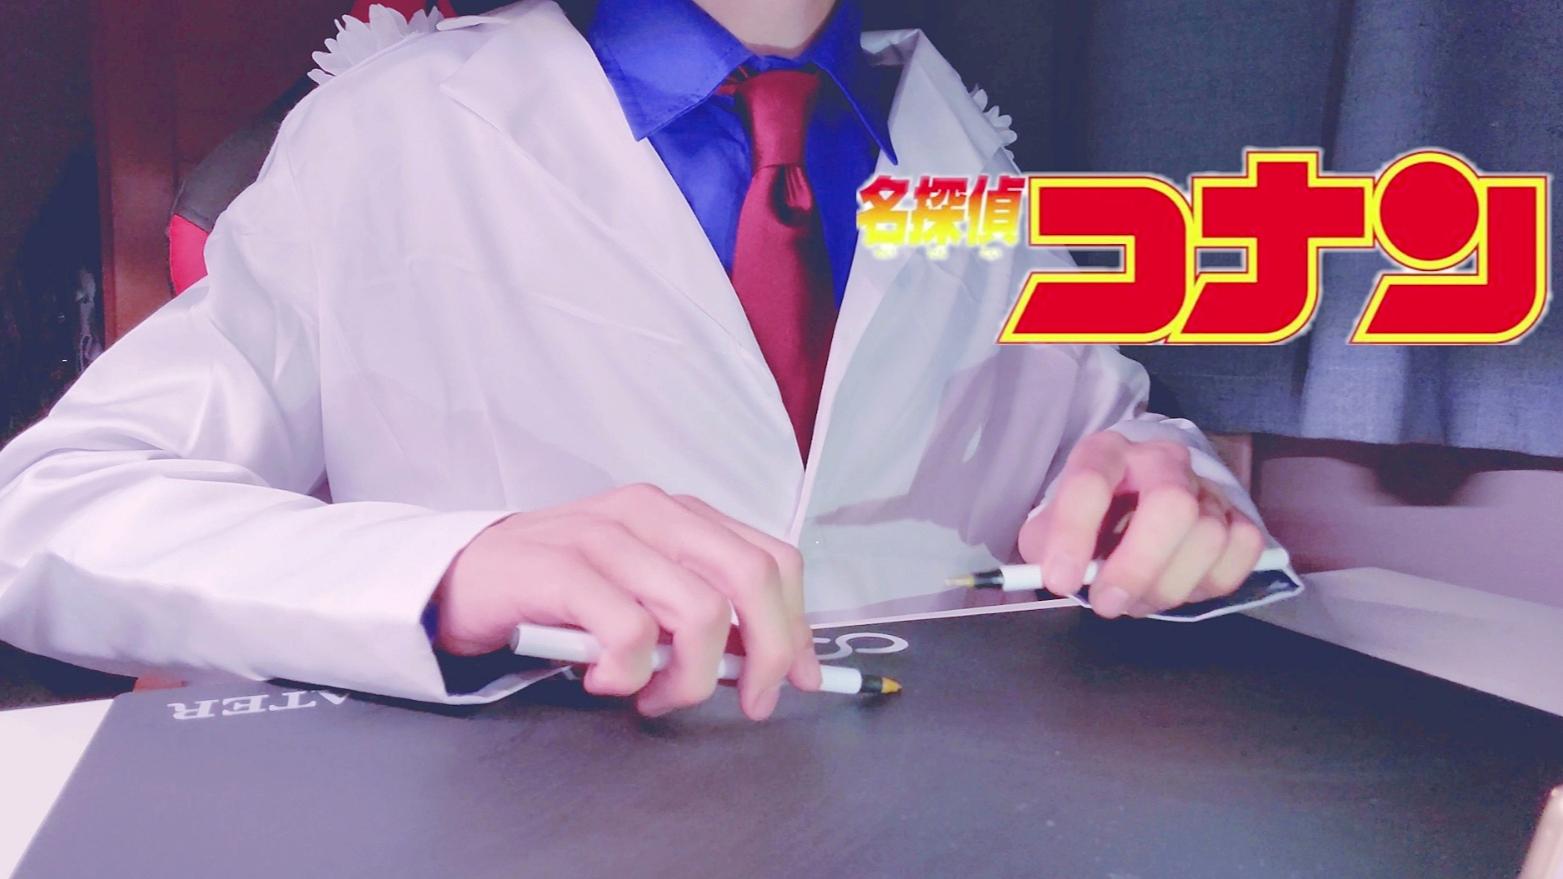 怪盗基德用两支笔演奏 名侦探柯南主题曲